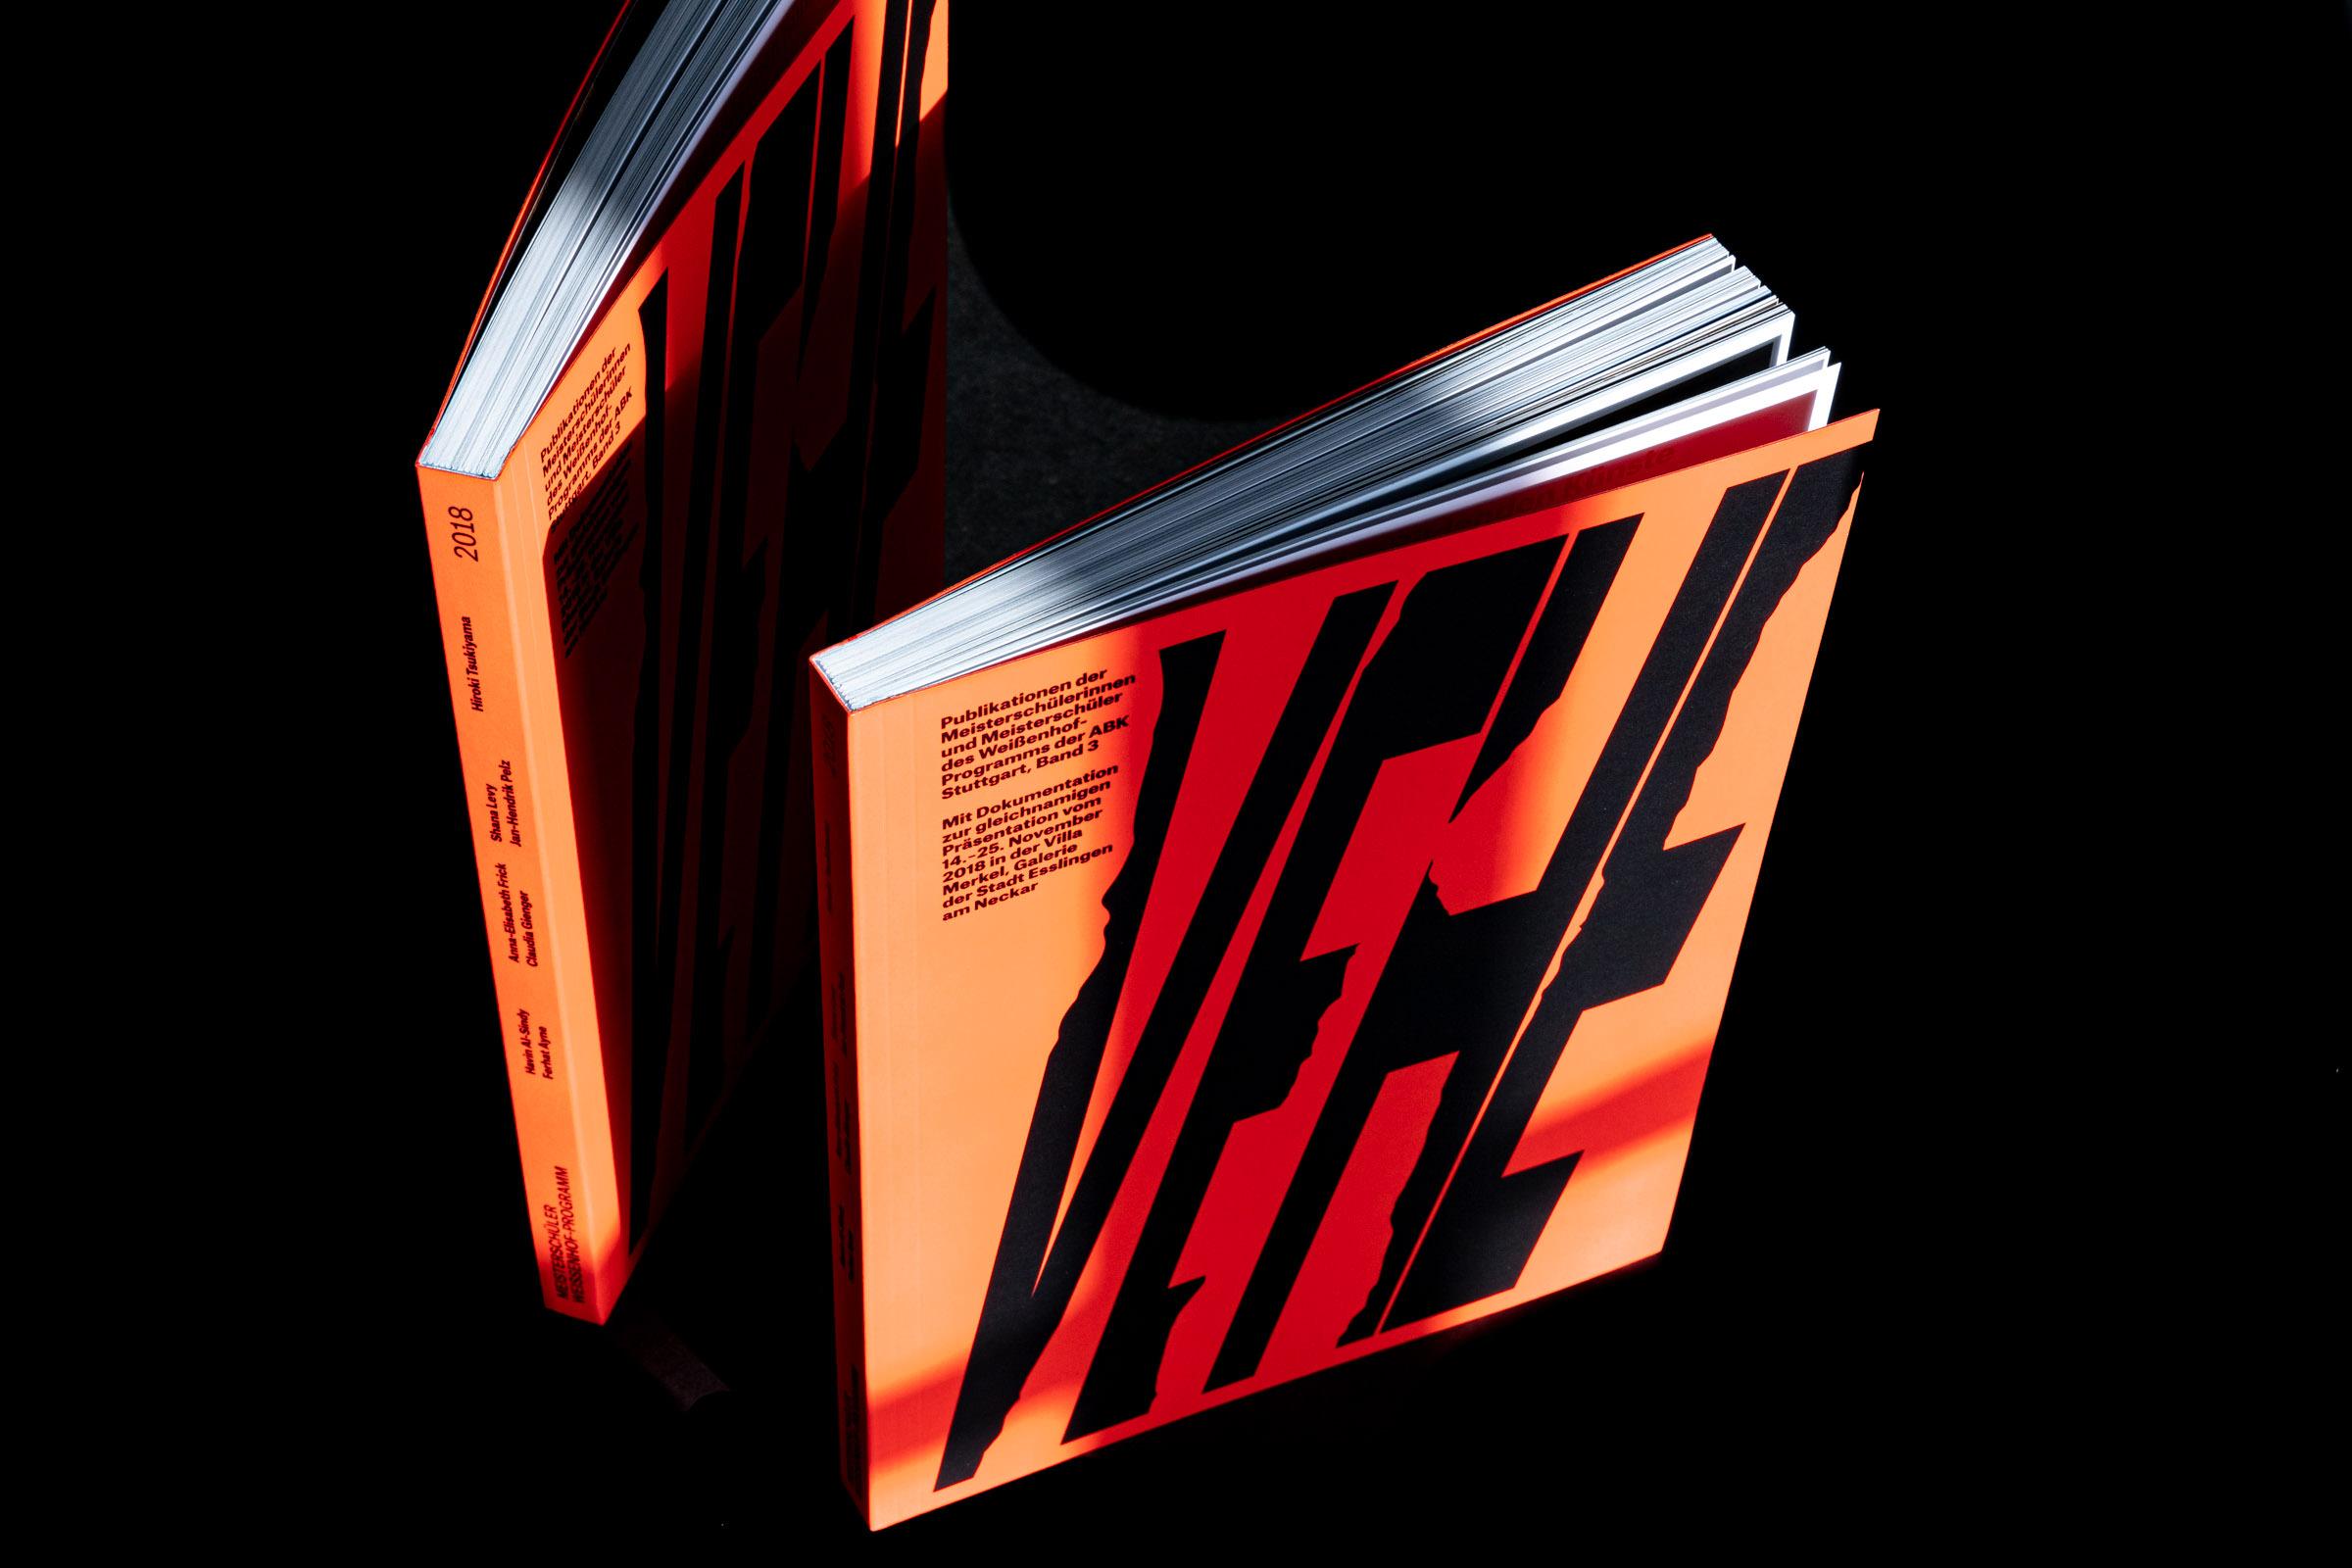 Künstlerbuch Vehement!, Freirückenbroschur mit 252 Seiten.